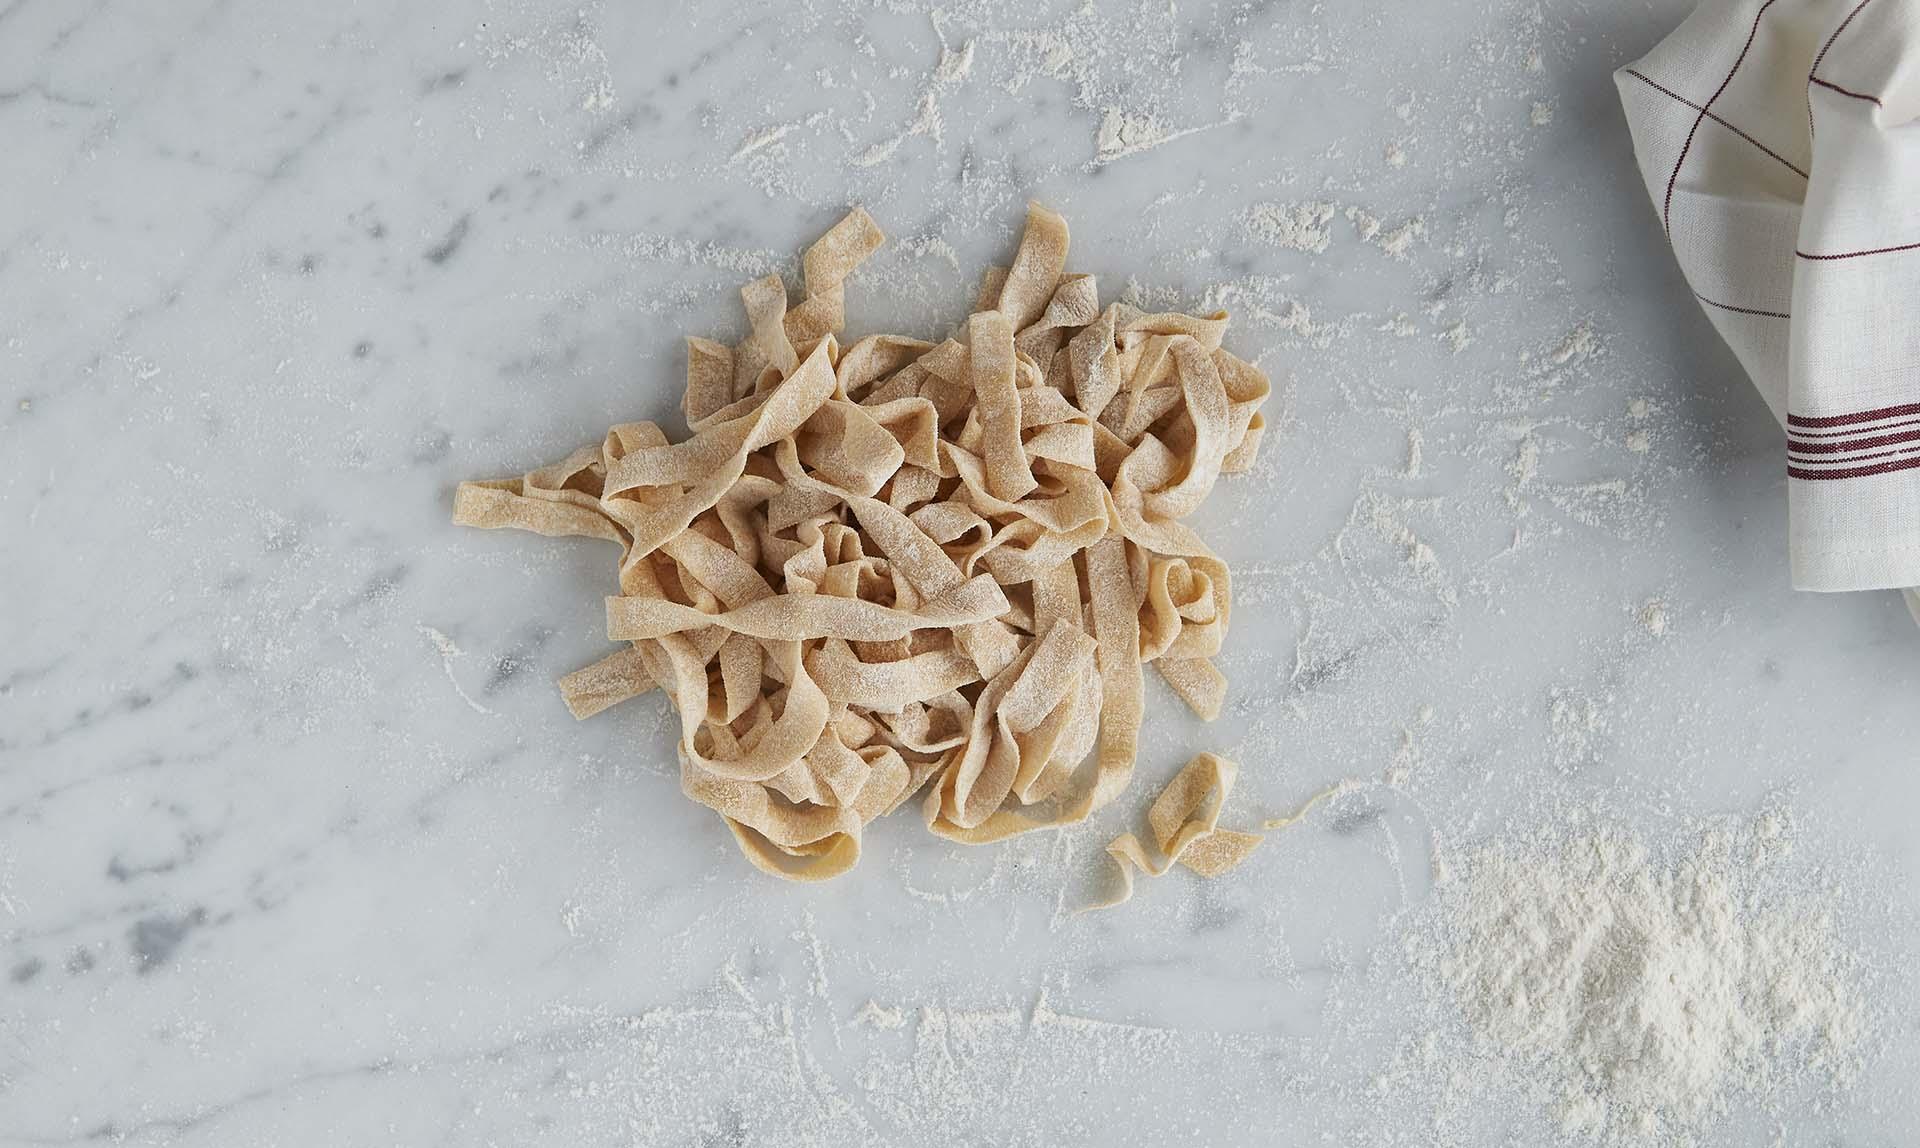 Hjemmelaget pasta - ferdig til koking